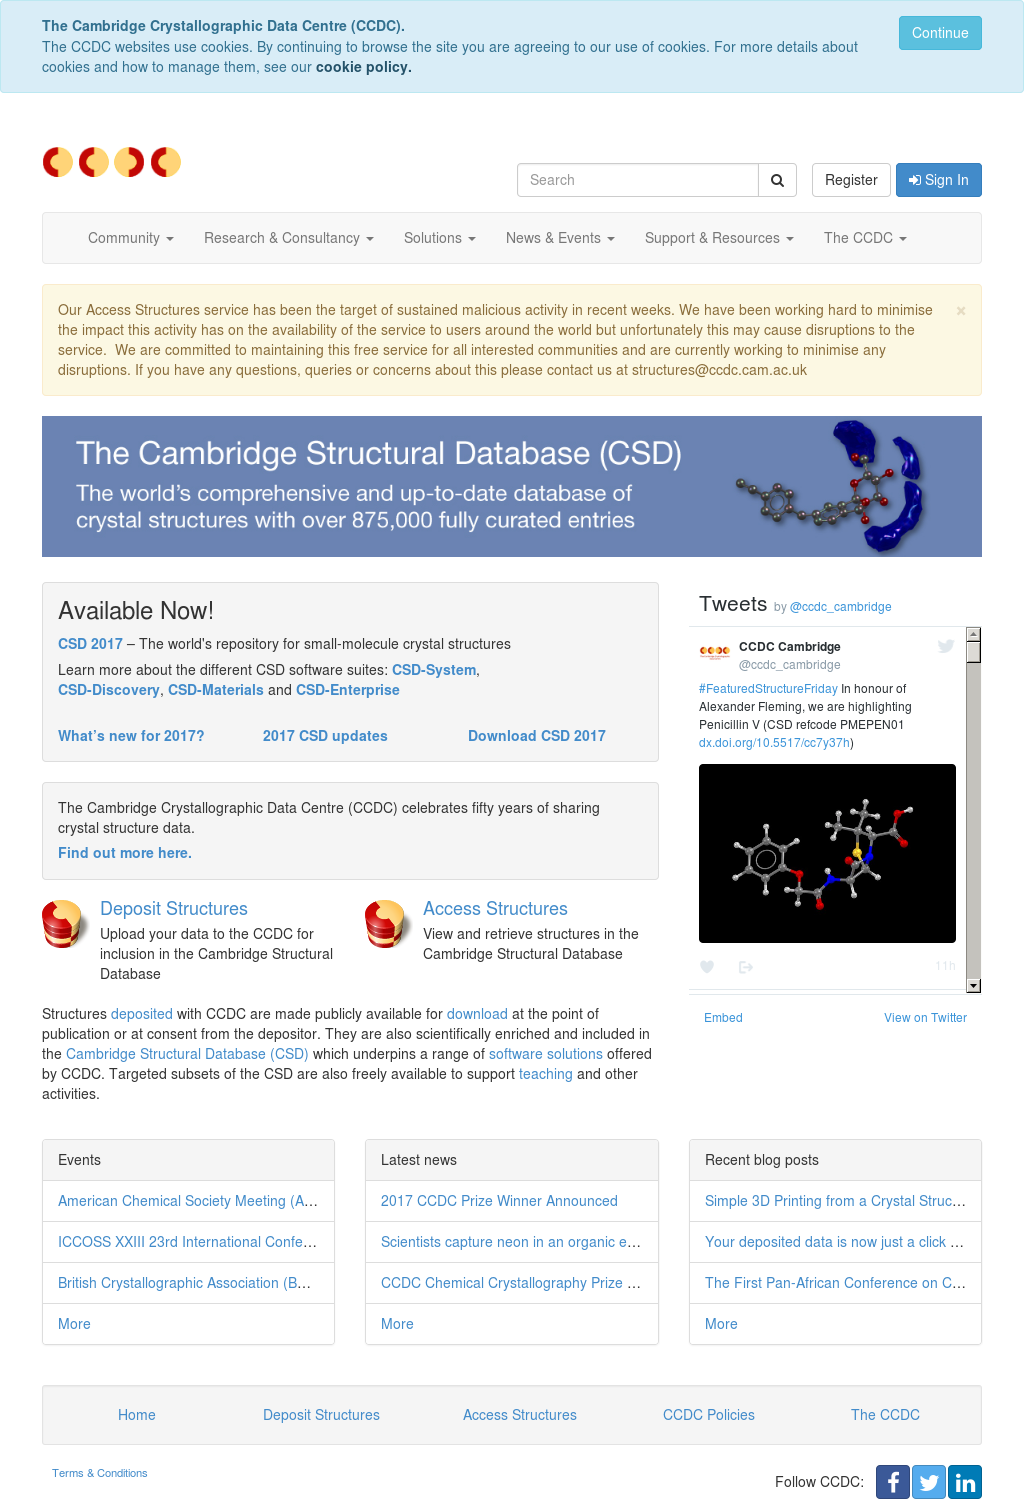 Cambridge Crystallographic Data Centre (Ccdc) Competitors